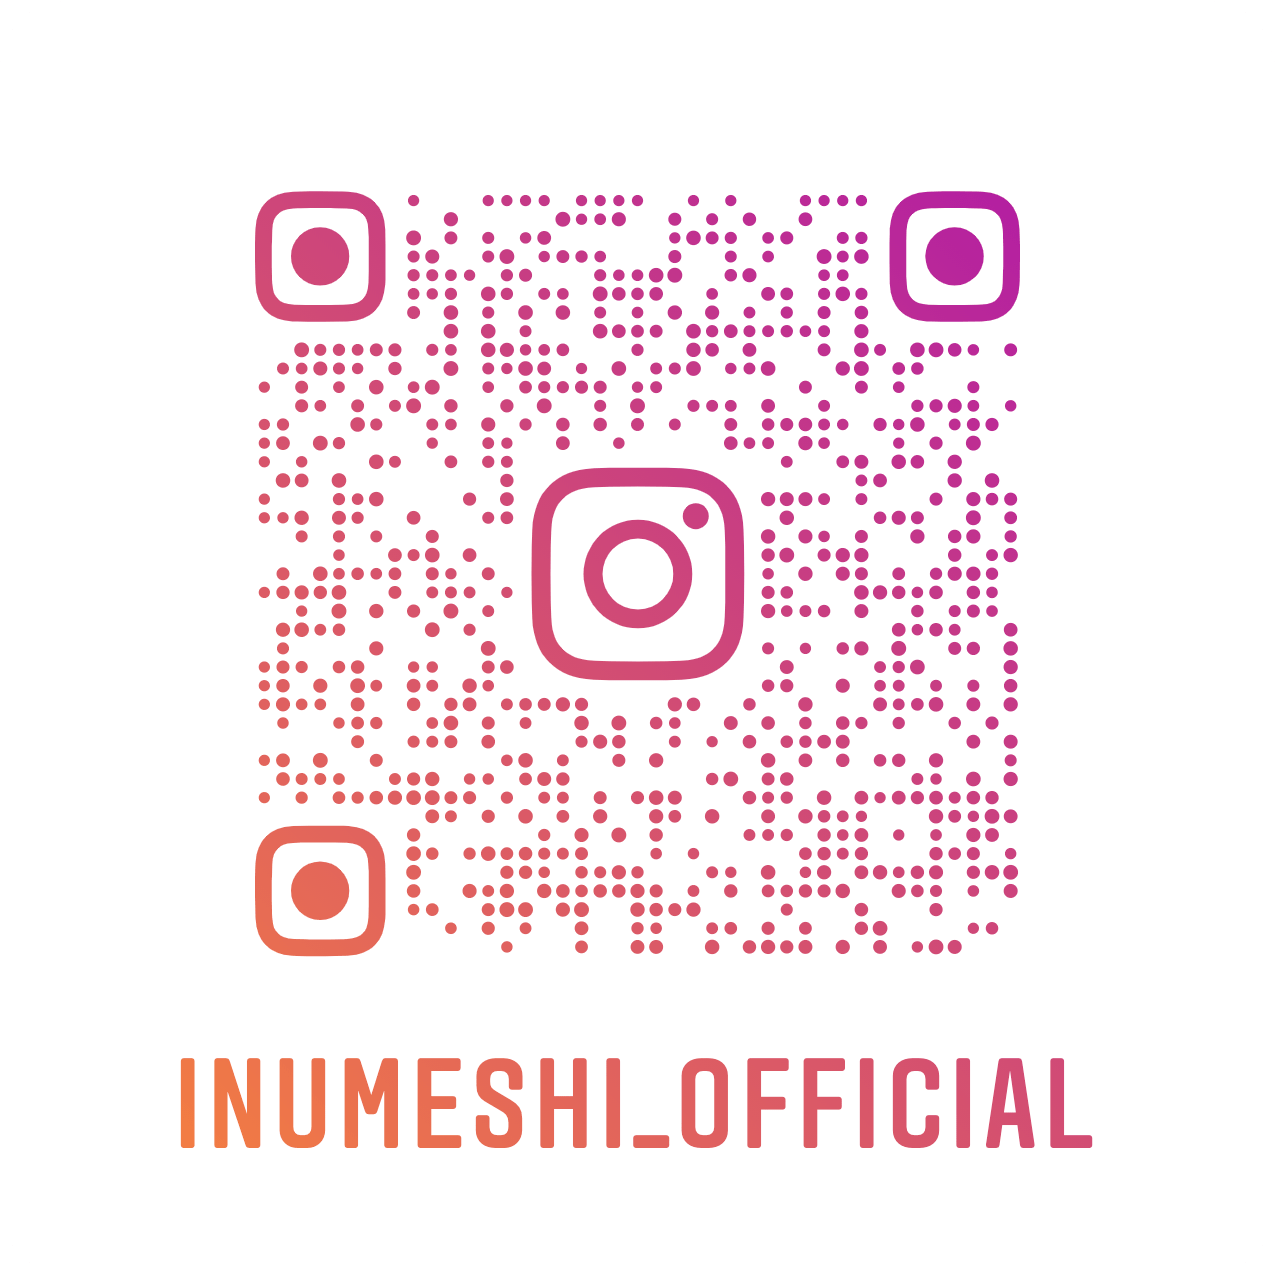 INUMESHI公式のインスタグラムアカウント